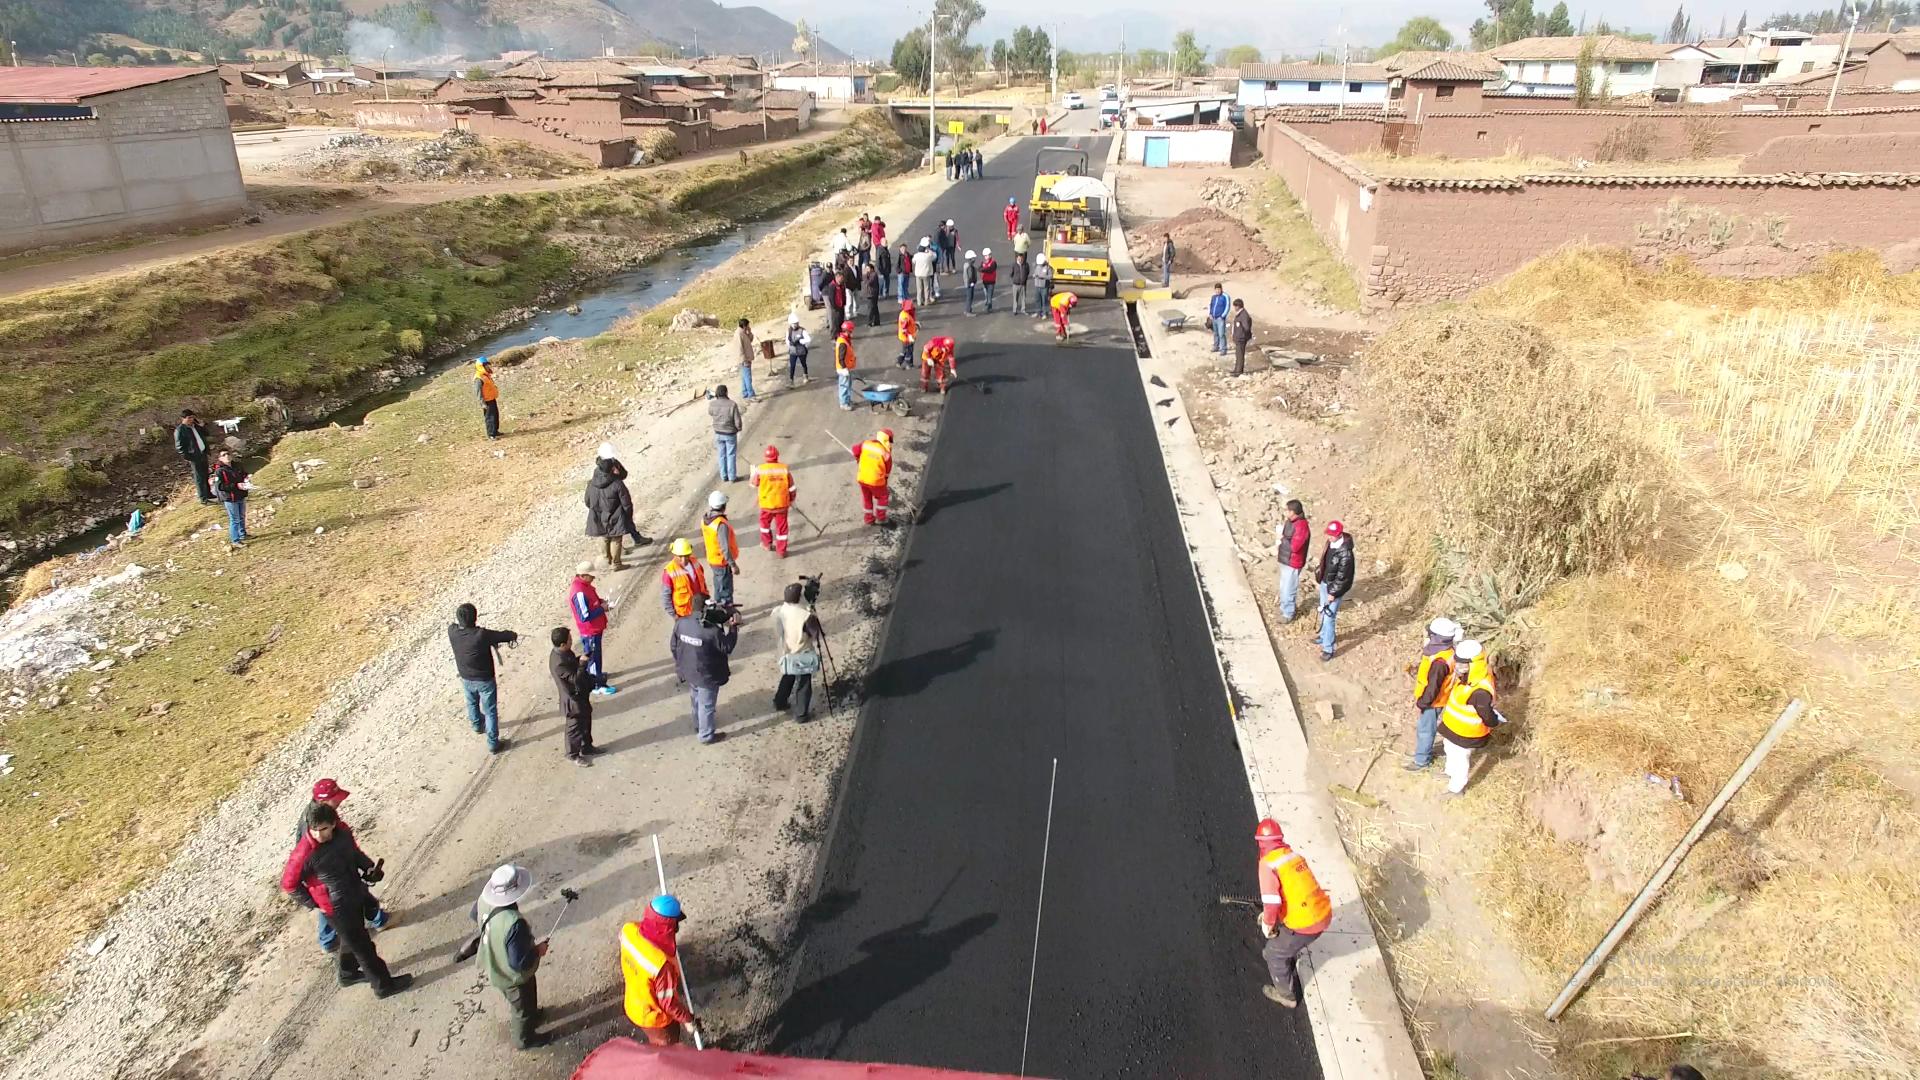 Con el objetivo de generar el desarrollo y la calidad de vida de los hermanos de la provincia de Anta y Urubamba, el gobierno regional Cusco a través del Plan Copesco, dio inicio al asfaltado de la vía Huarocondo – Pachar, que comprende la intervención de 6 kilómetros con un presupuesto que supera los 4 millones de soles.